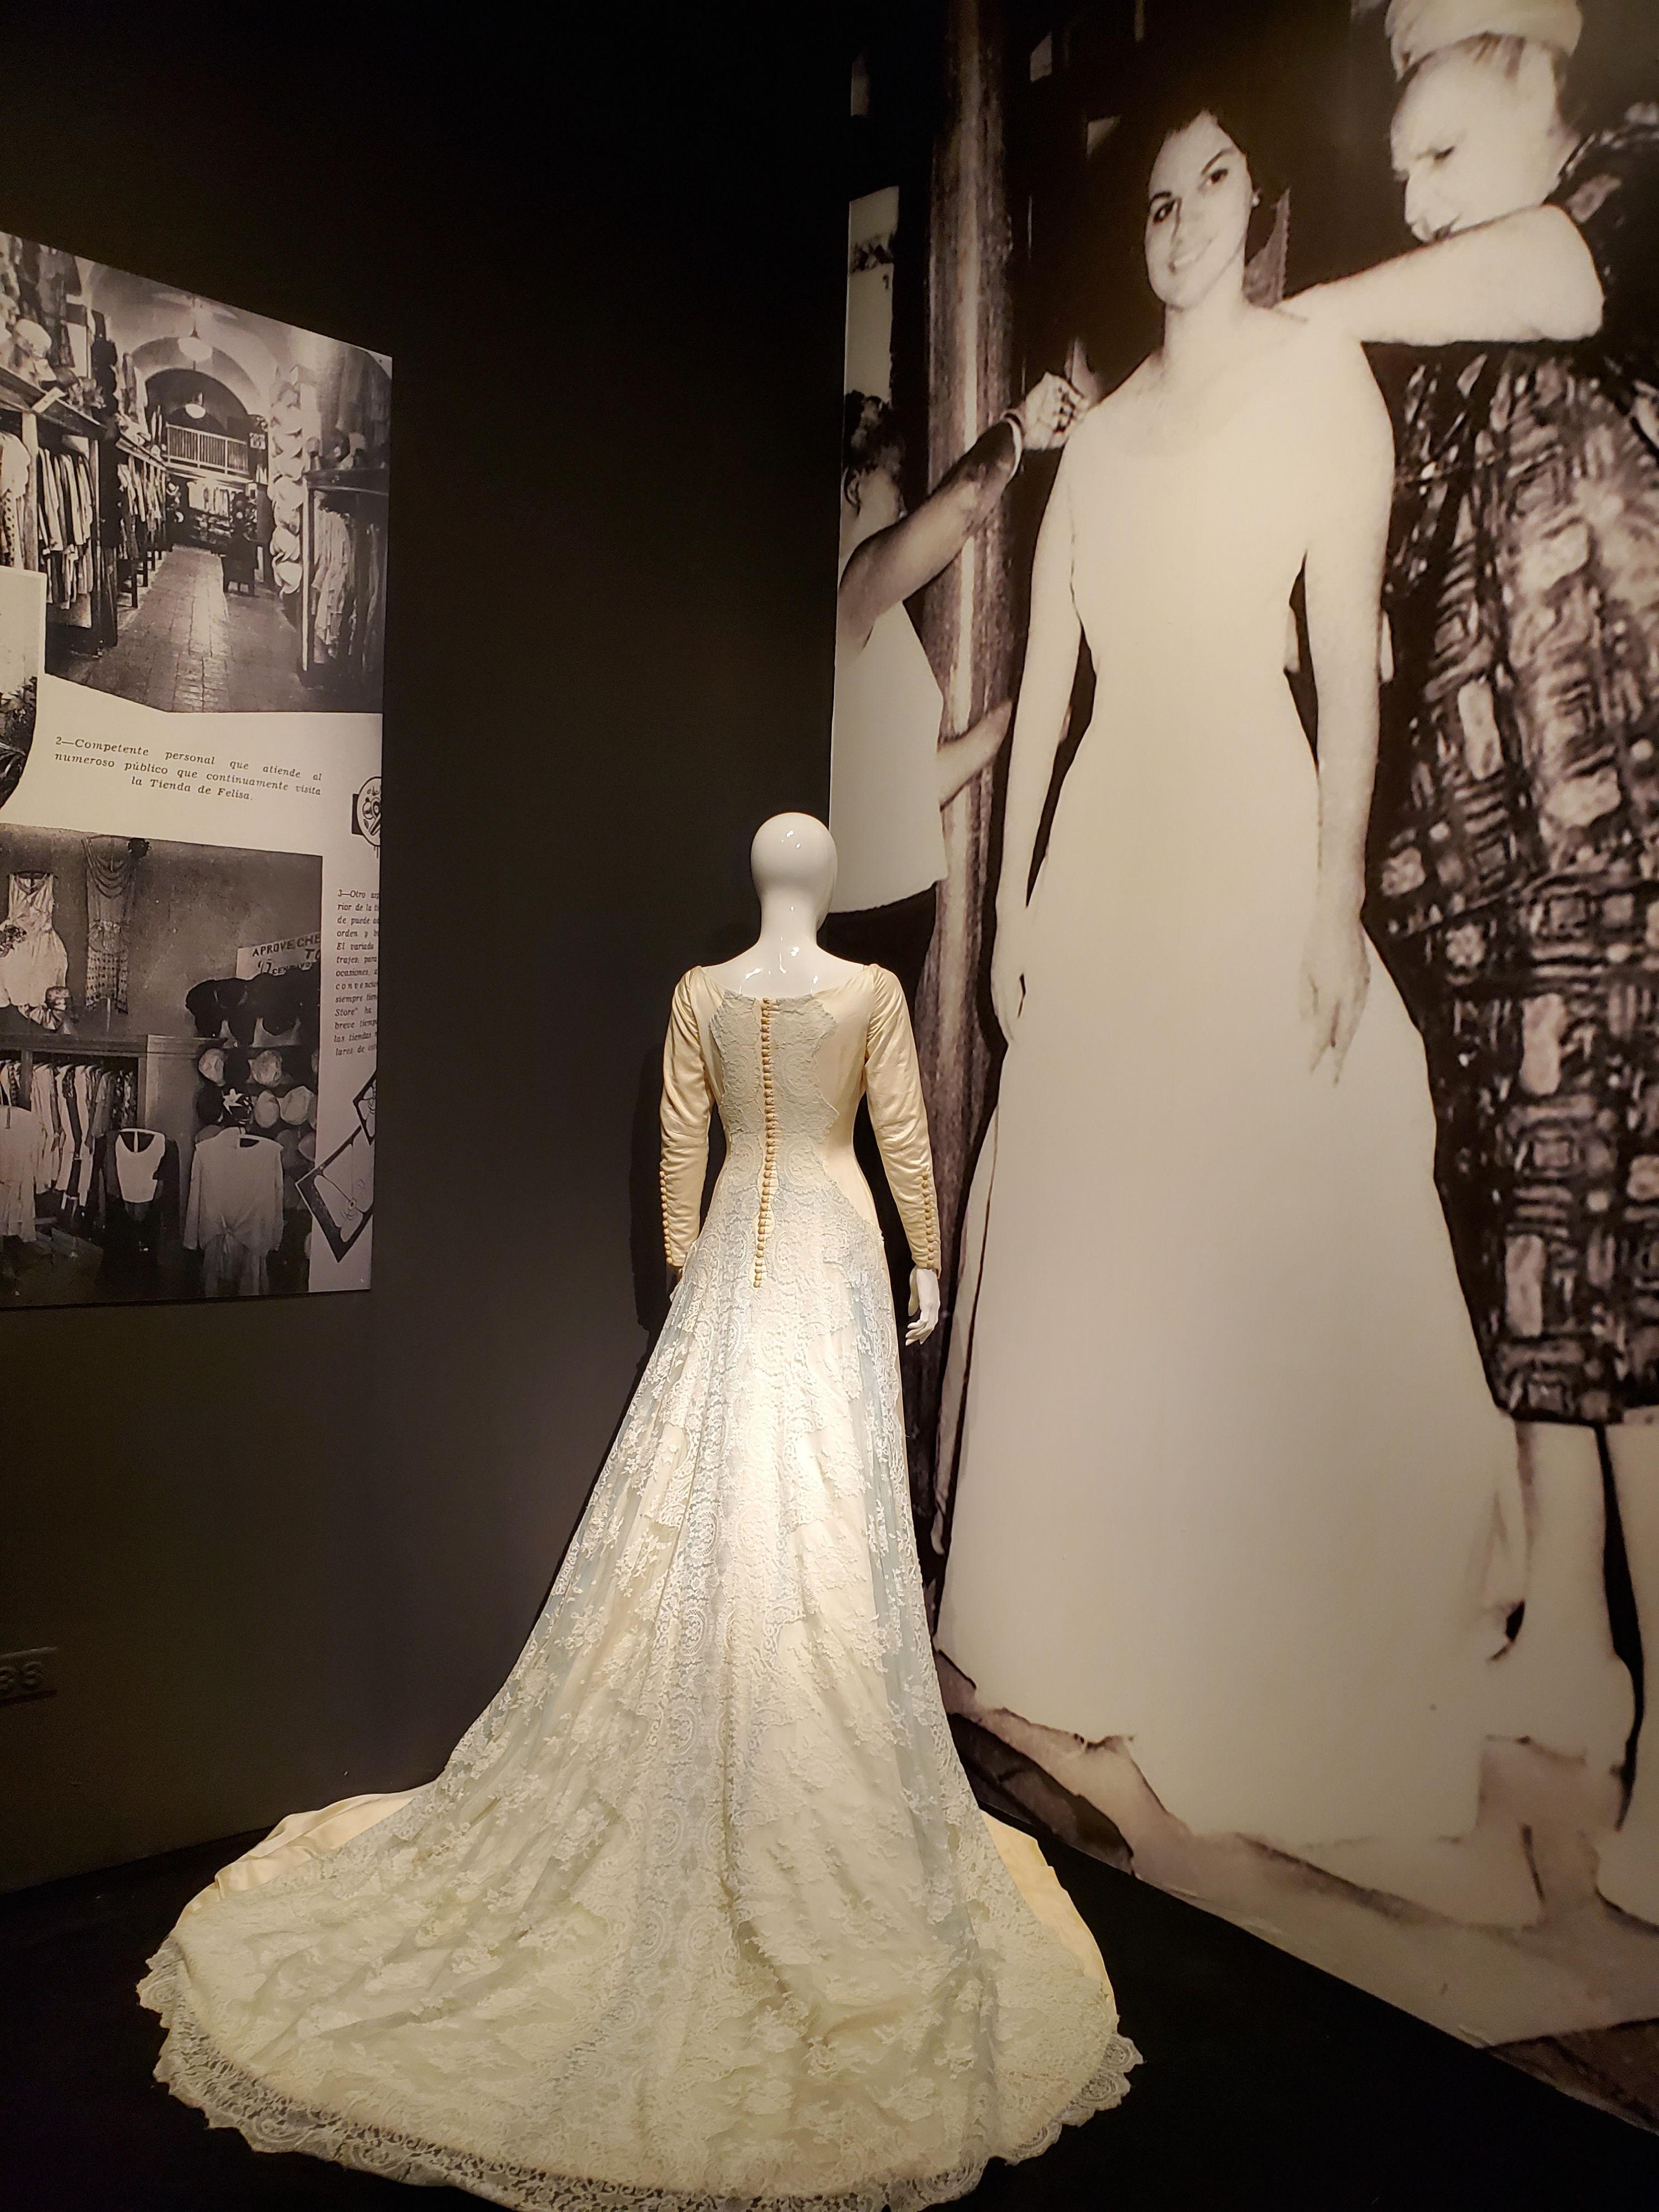 Vestido de novia confeccionado por Felisa Rincón de Gautier para Celia Elvira Clausells Gautier.